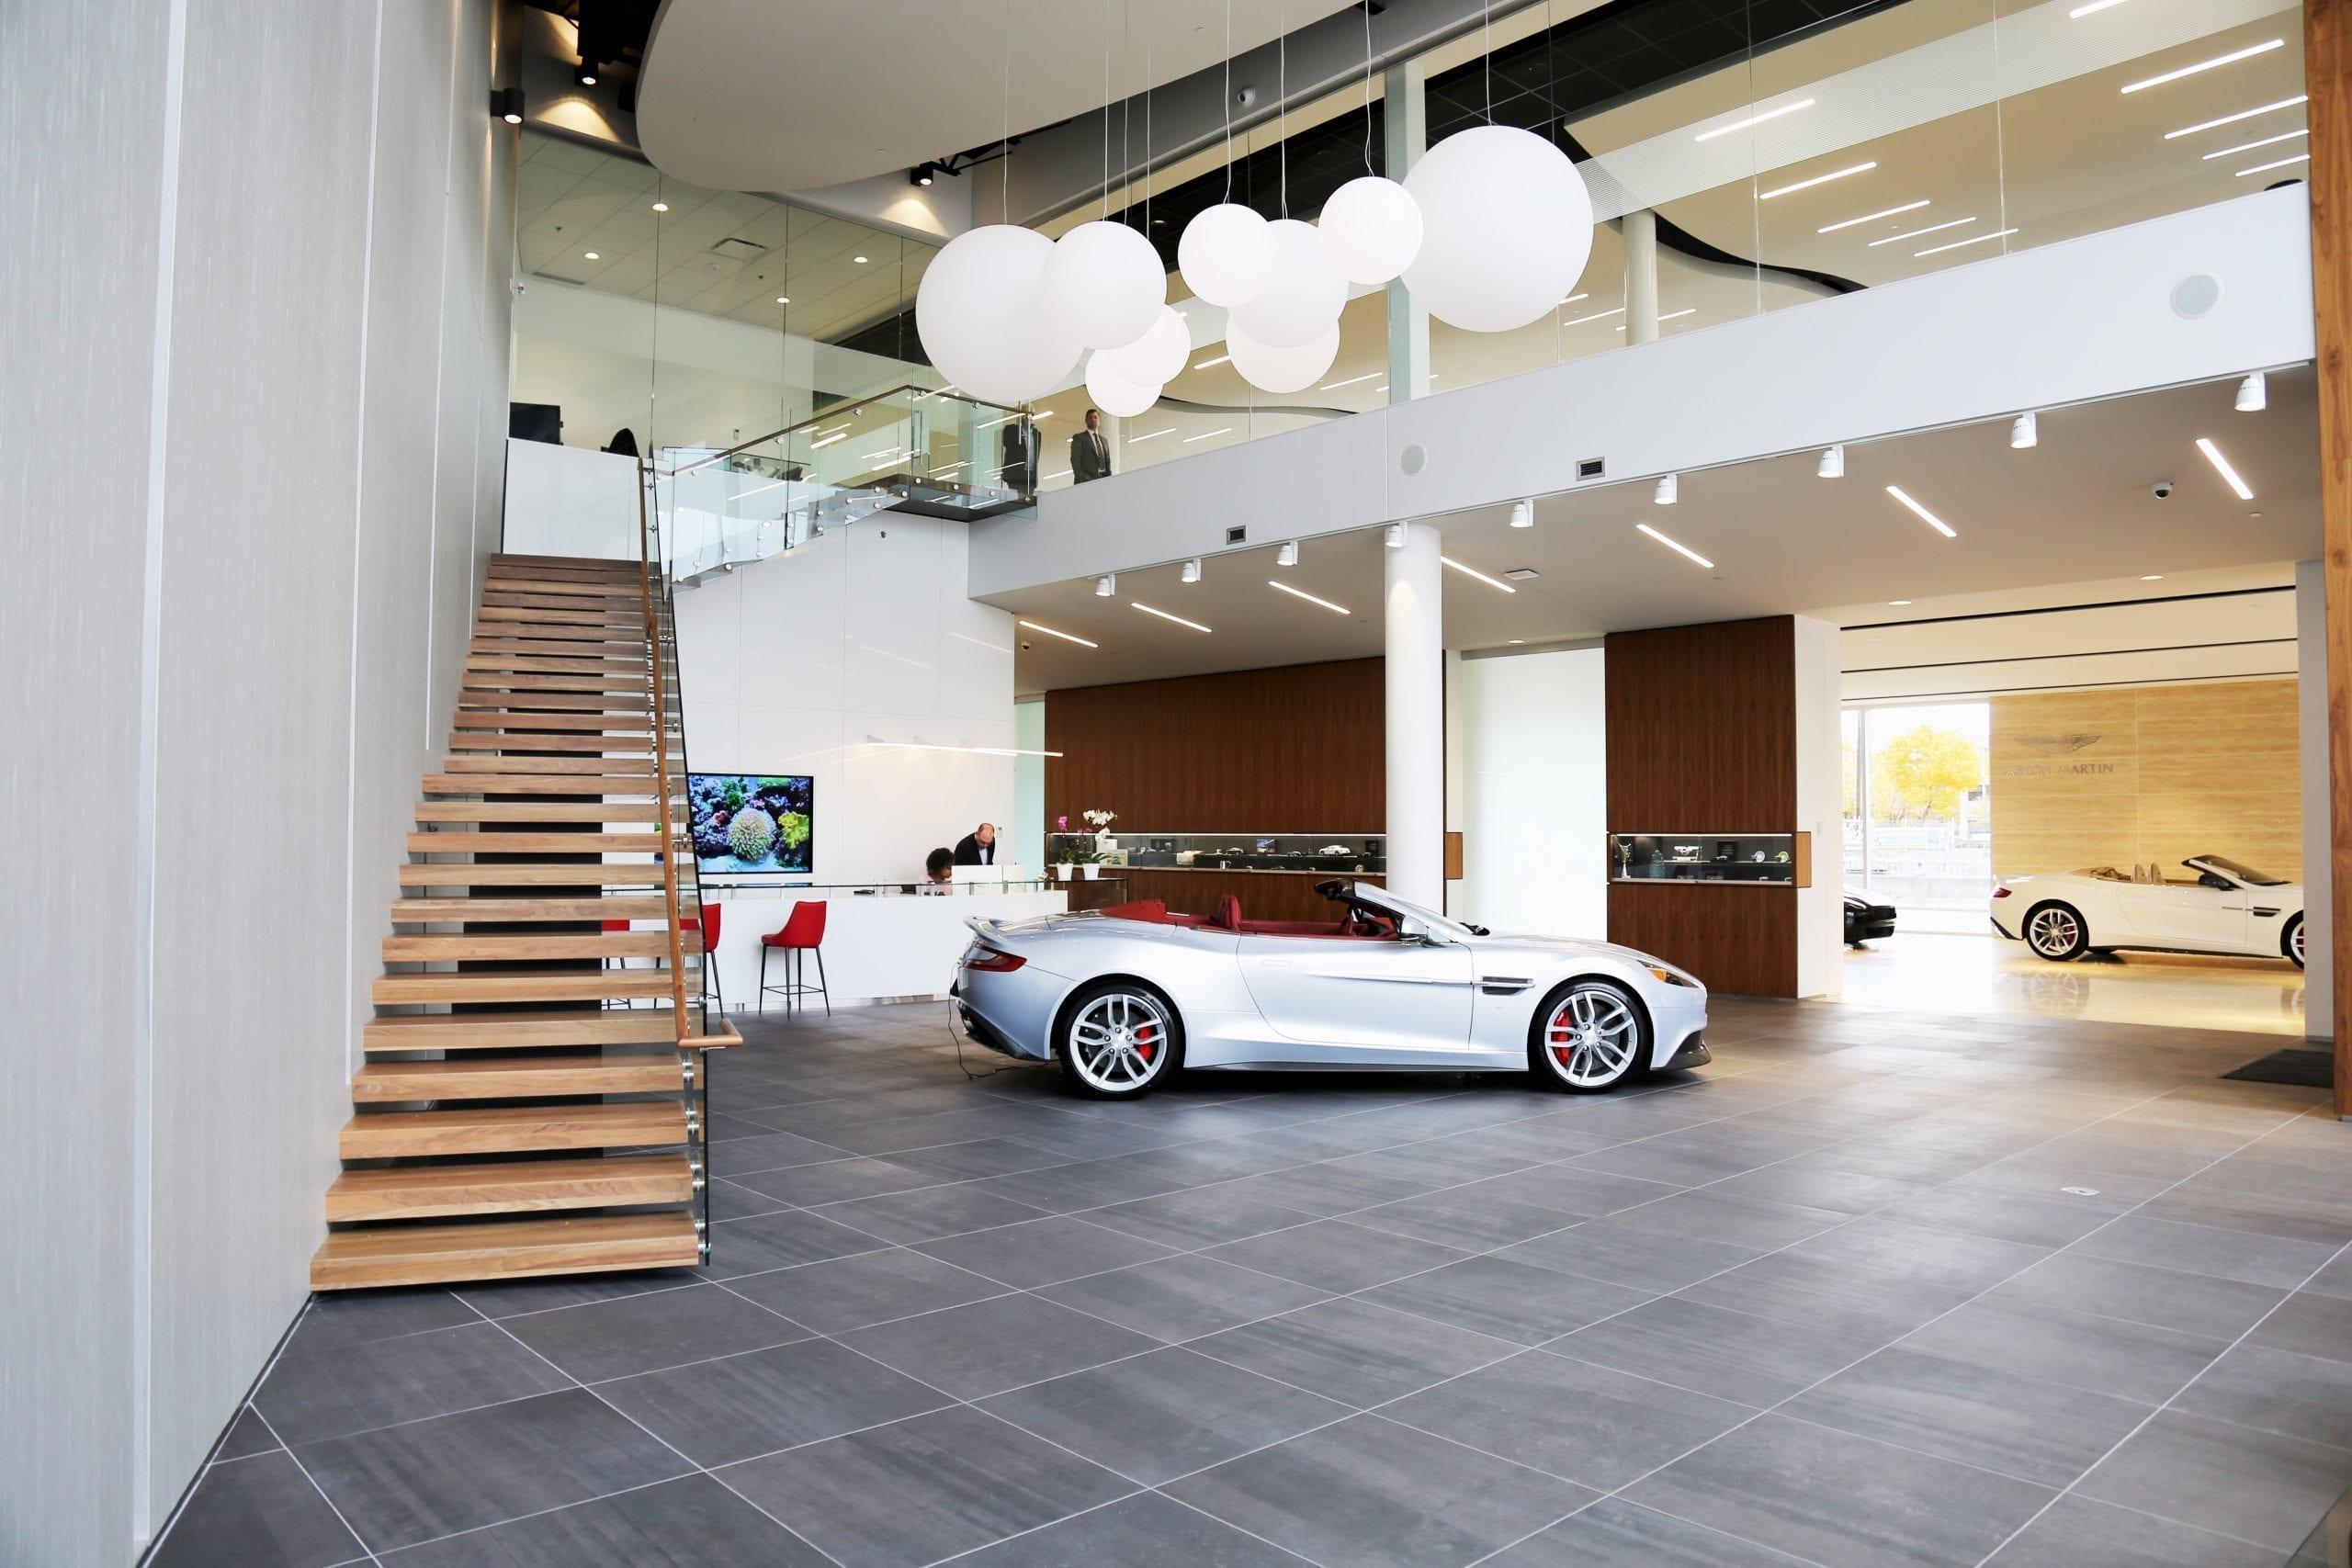 Decarie Motors : Une galerie d'art de l'automobile